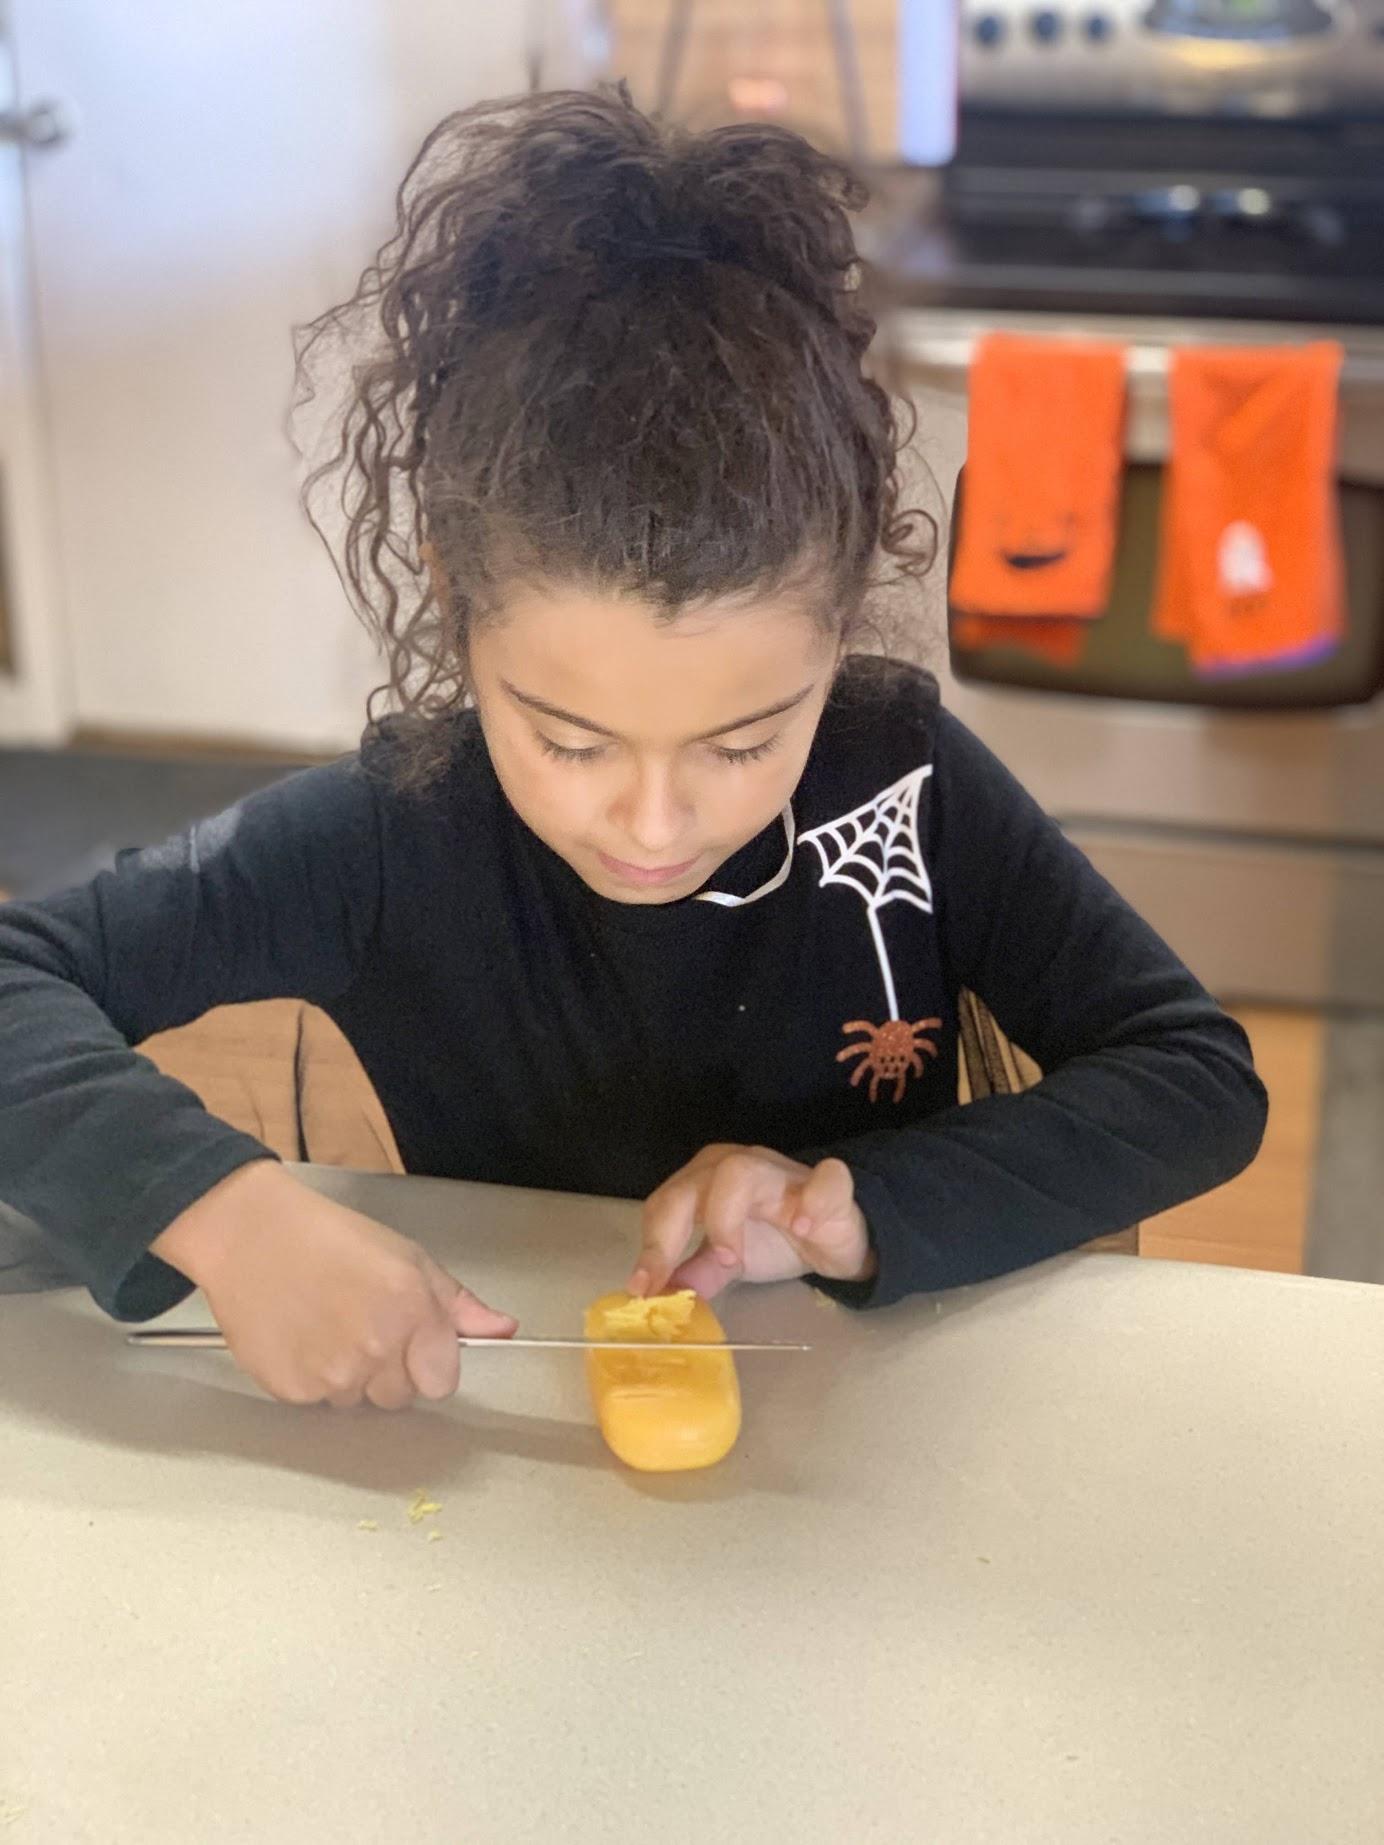 Scott Cummins Pumpkin Carvingrecreated by kids